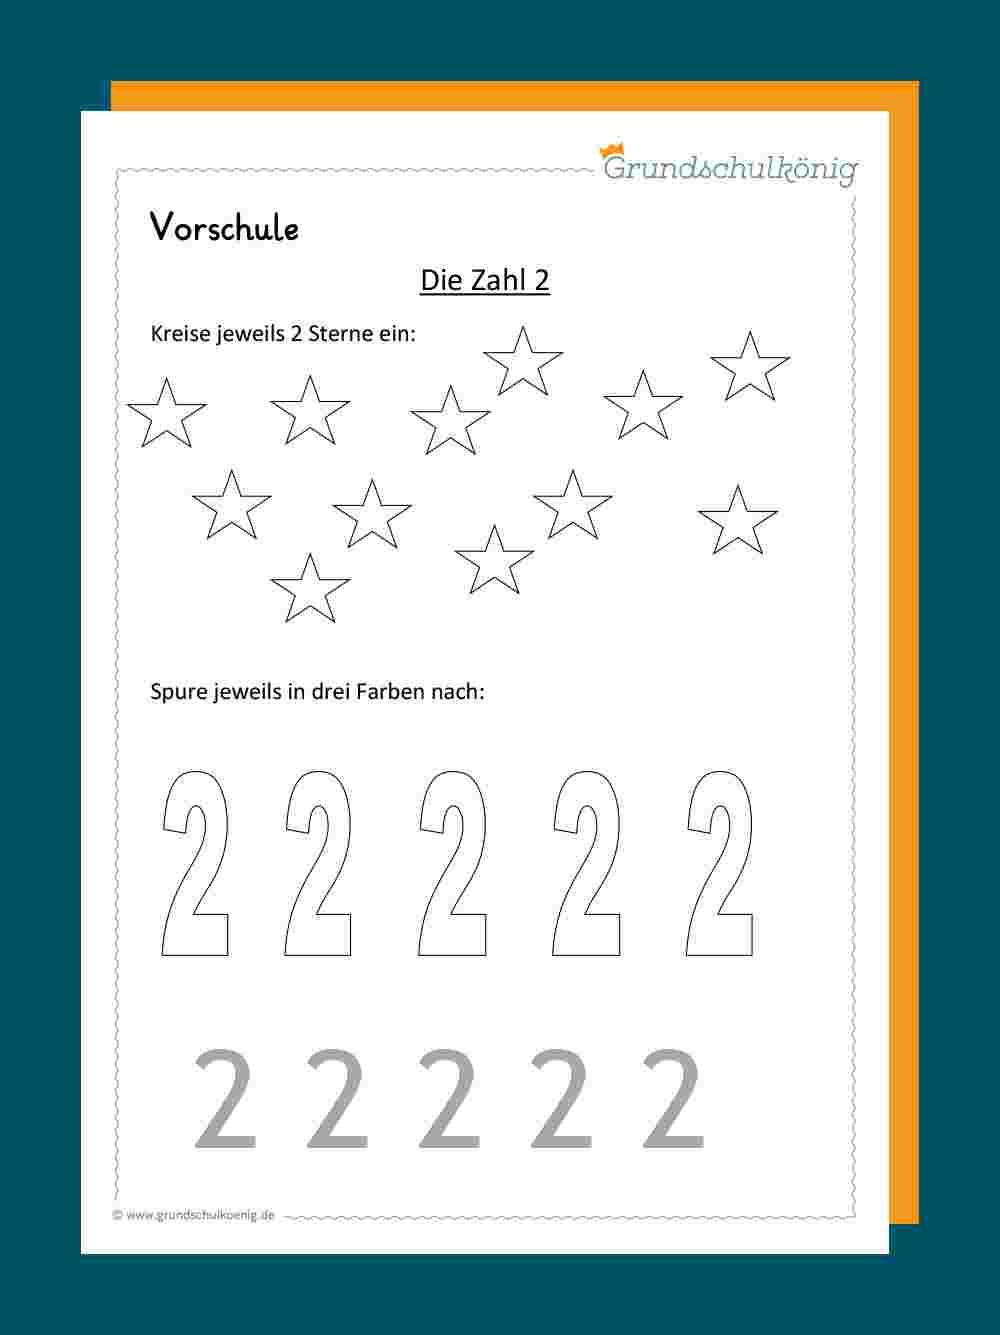 Erste Zahlen bei Mathematik Vorschule Arbeitsblätter Kostenlos